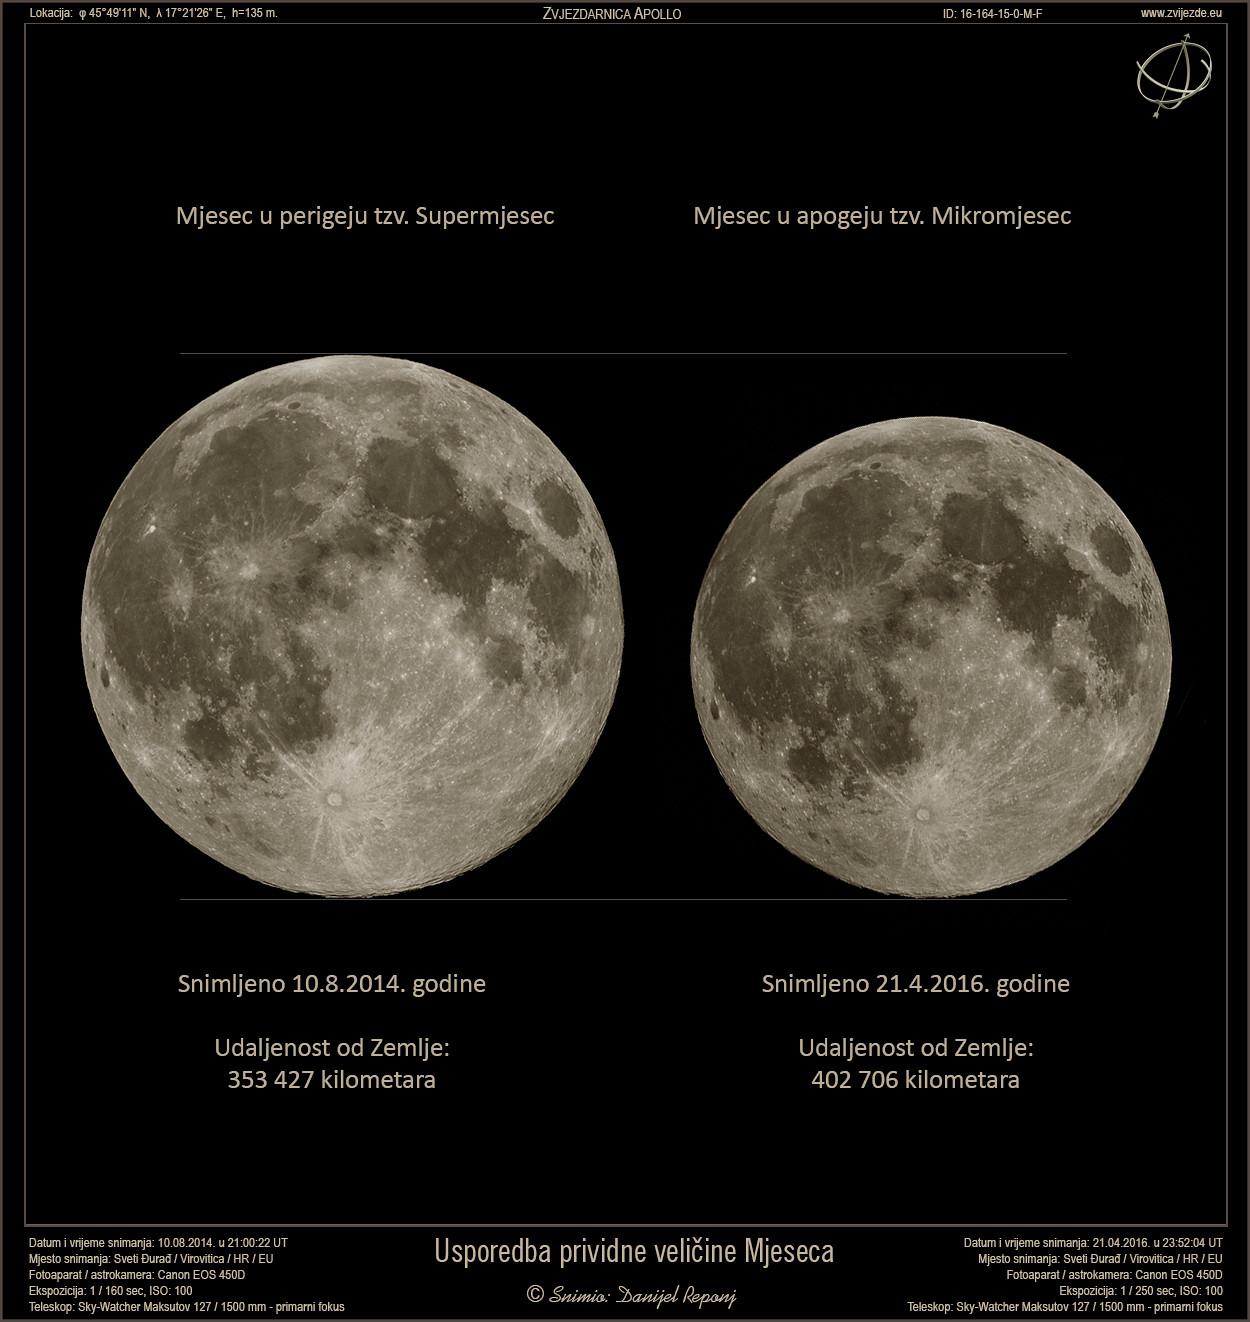 Usporedba prividne veličine Mjeseca